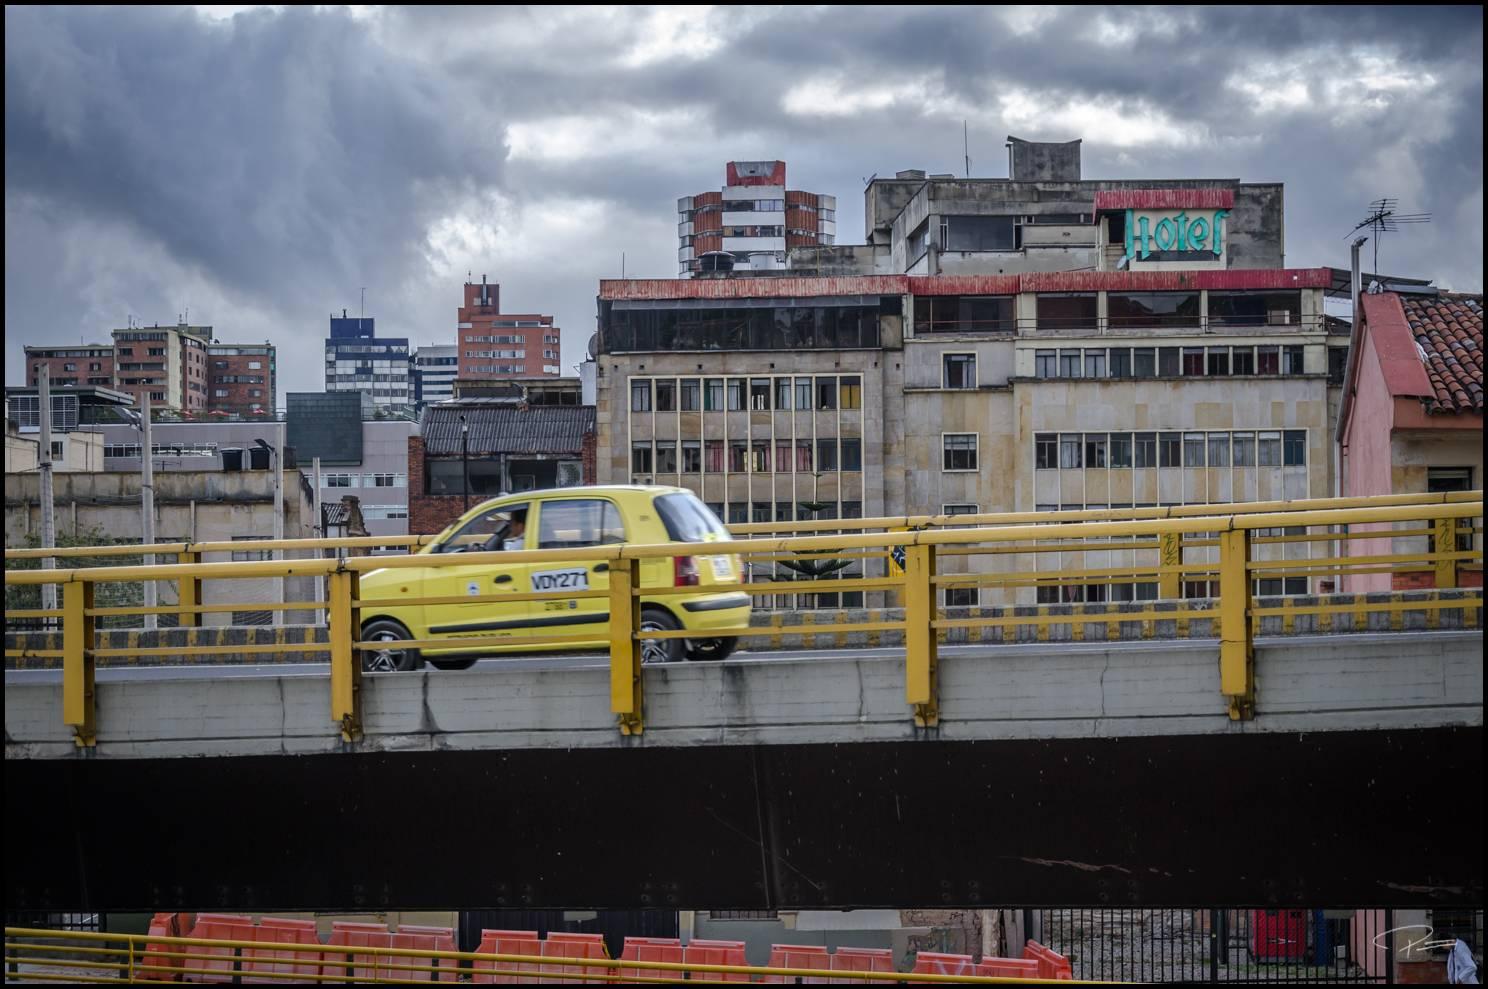 Bogota Calle26 29Sept2013 PG 008